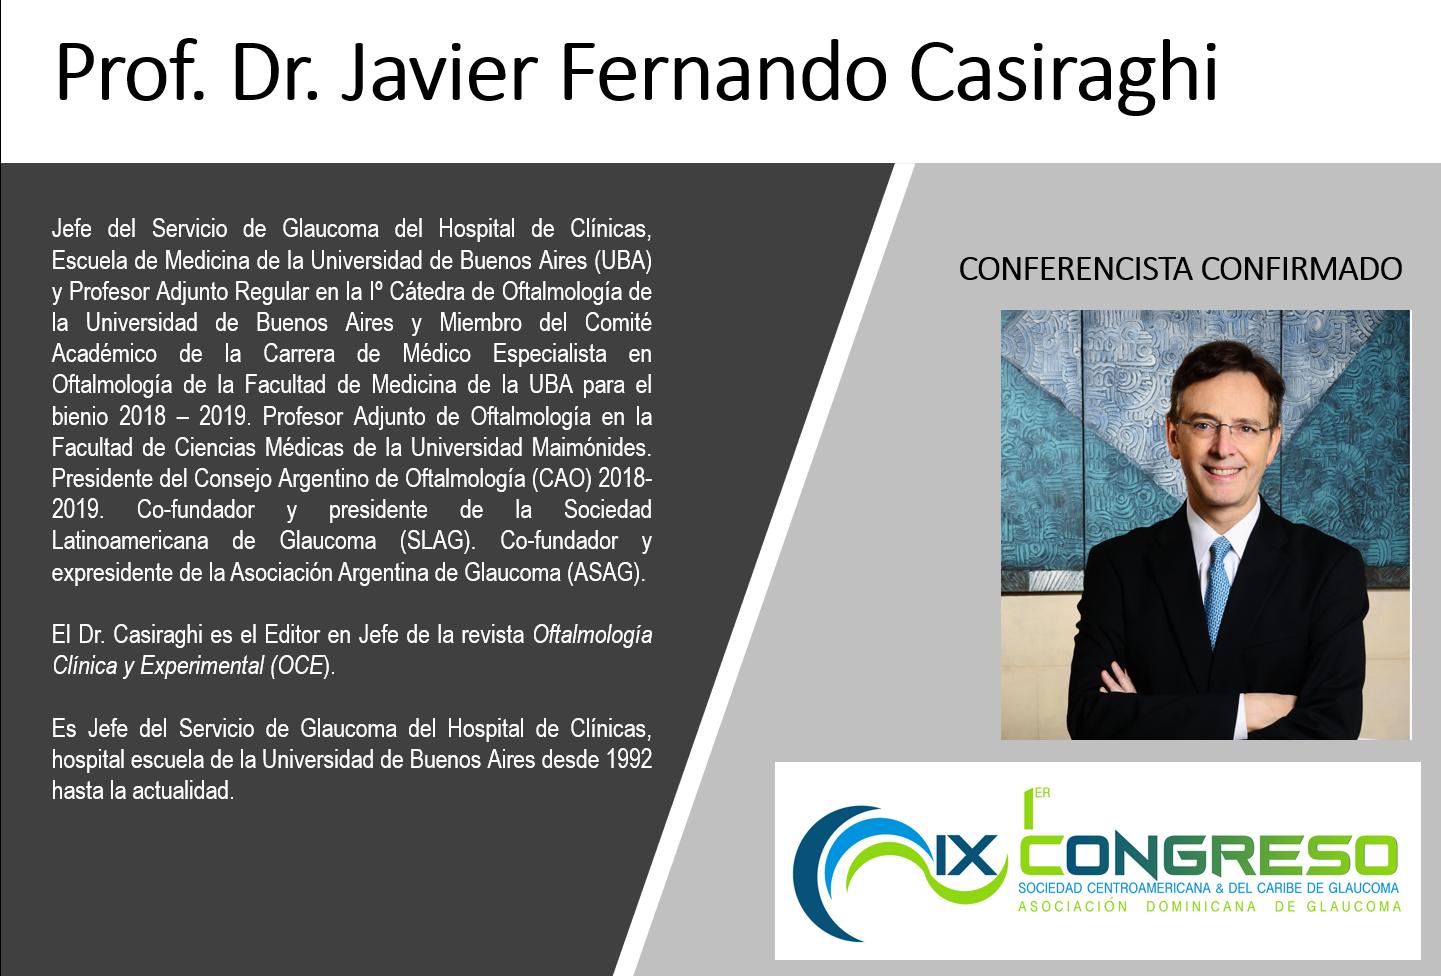 Dr. Javier Fernando Casiraghi